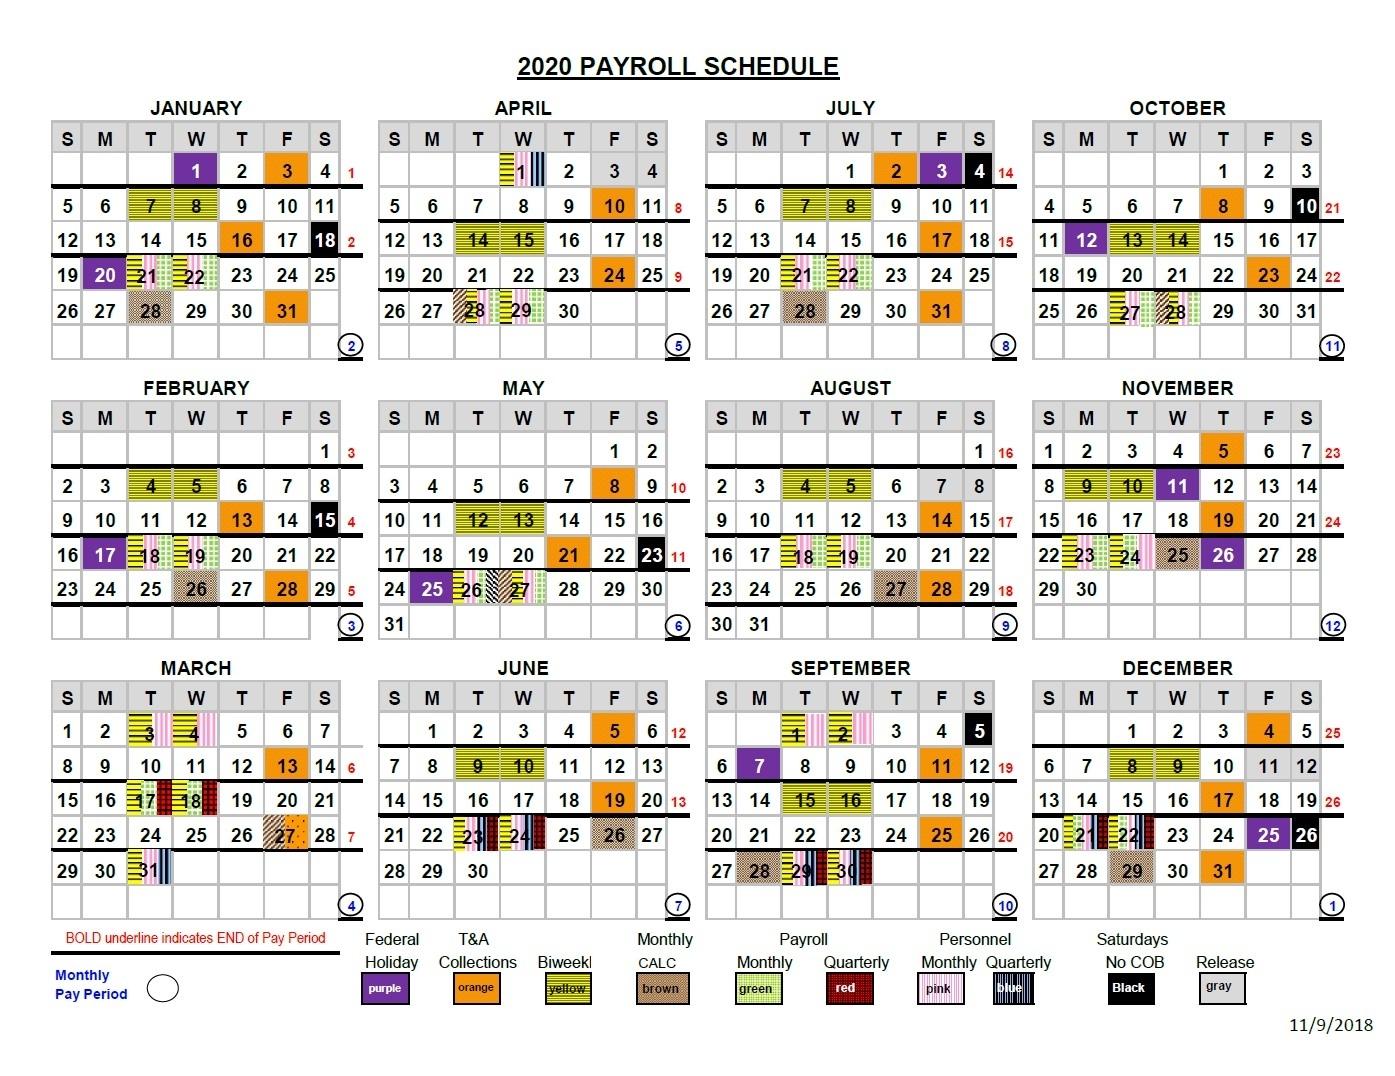 Nfc Pay Period Calendar 2020 | Calendar Template 2020